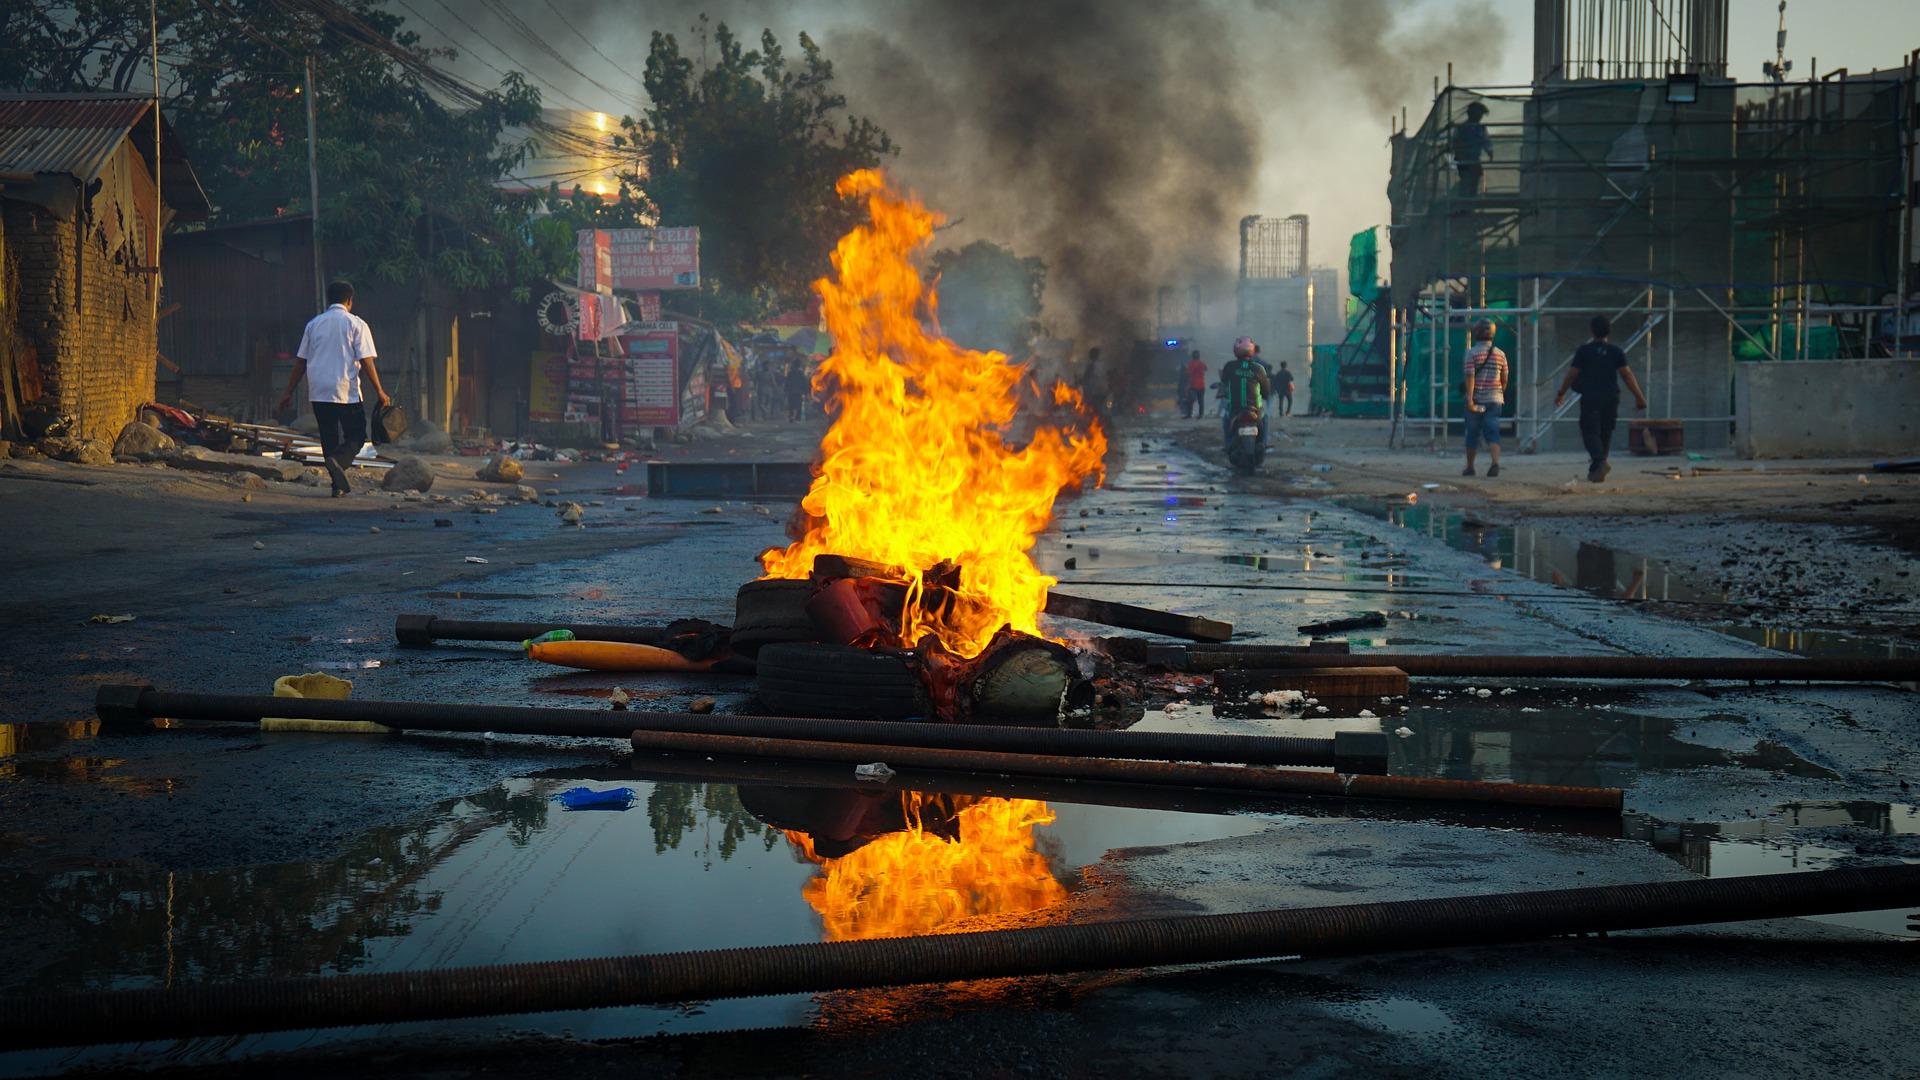 Chaos in Indien: Zehn Tote, 90 Verletzte vor Trump Ankunft